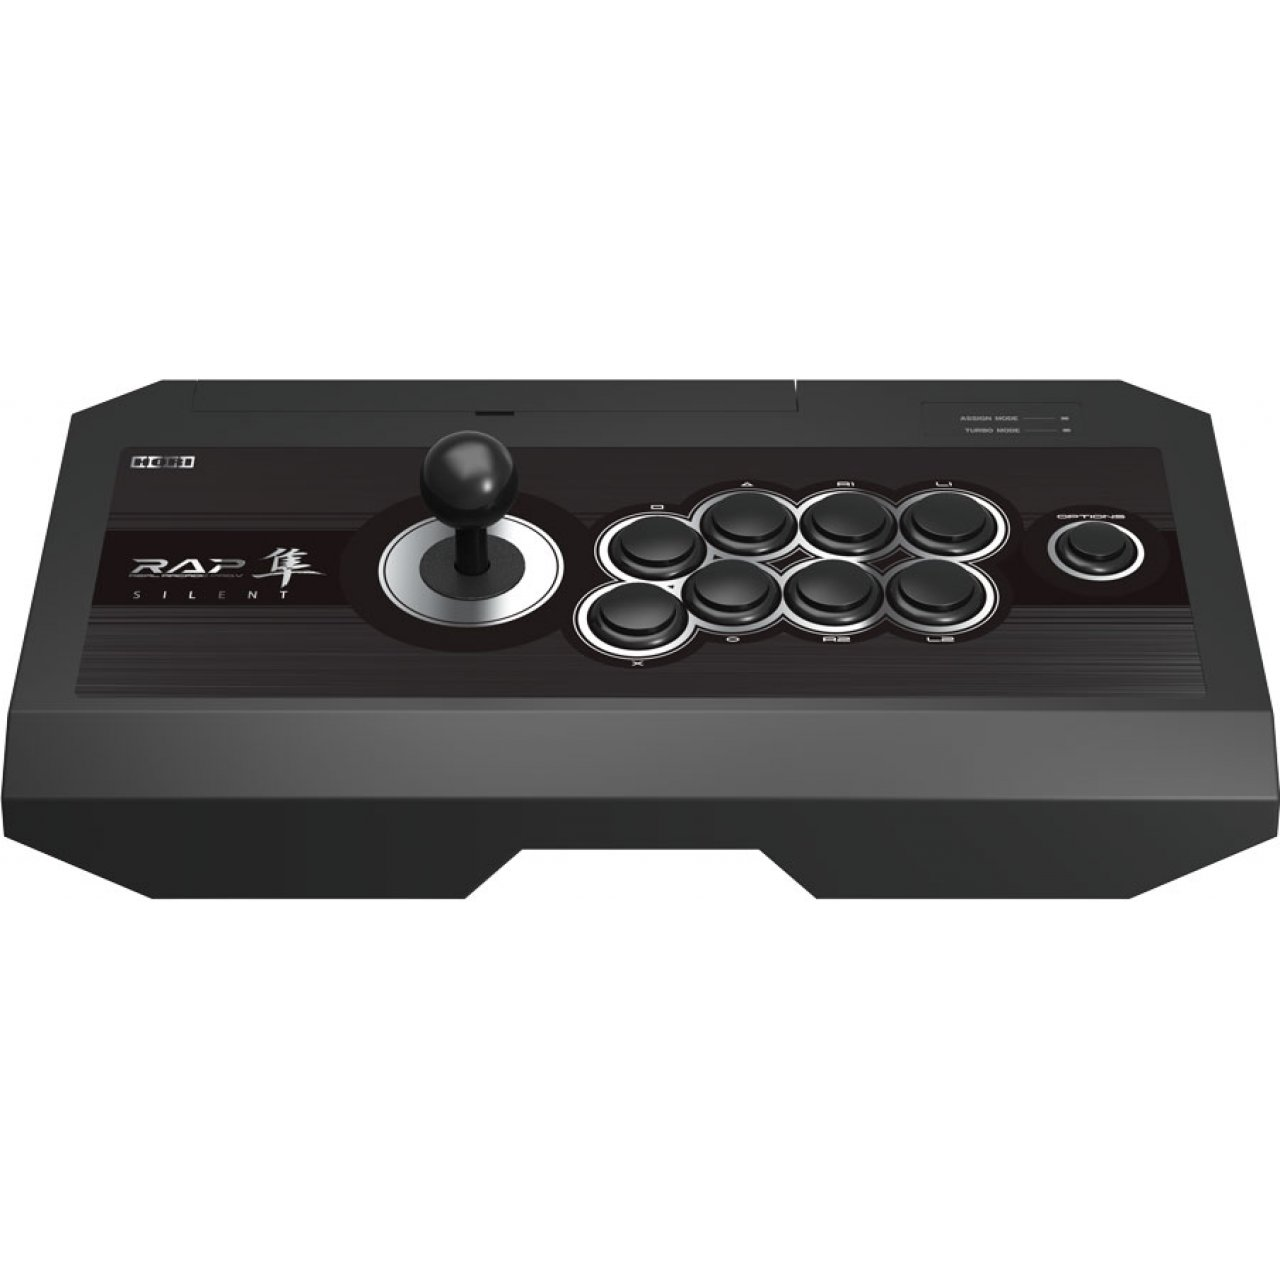 real-arcade-pro-v-silent-hayabusa-for-playstation-4-playstation-403105.3.jpg